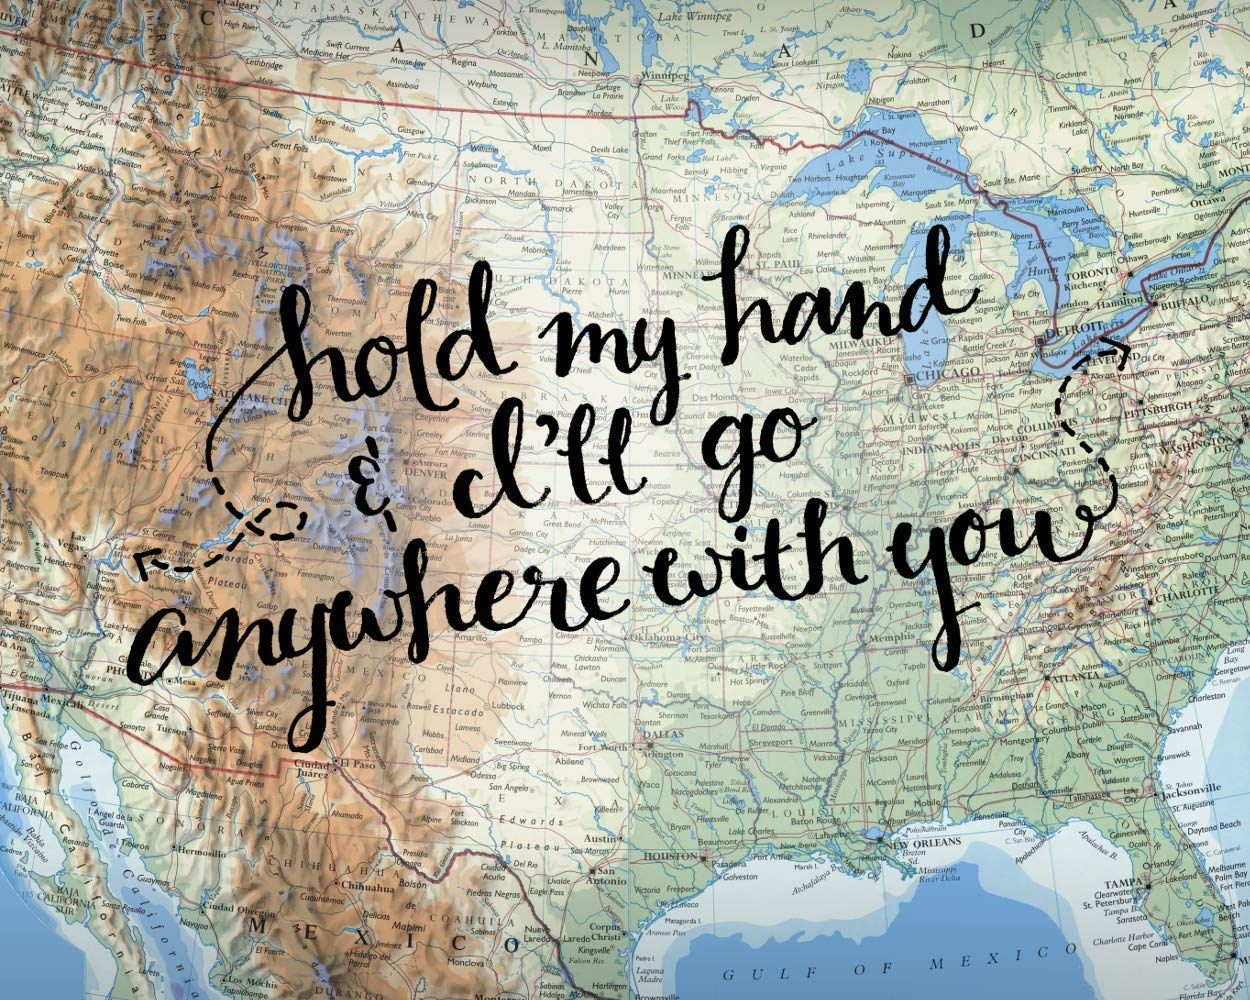 Cita de amor Mapa de EE. UU. Decoración de la pared Regalos de boda Obra de arte Sostén mi mano e iré a cualquier parte contigo 8 x 10 Lámina